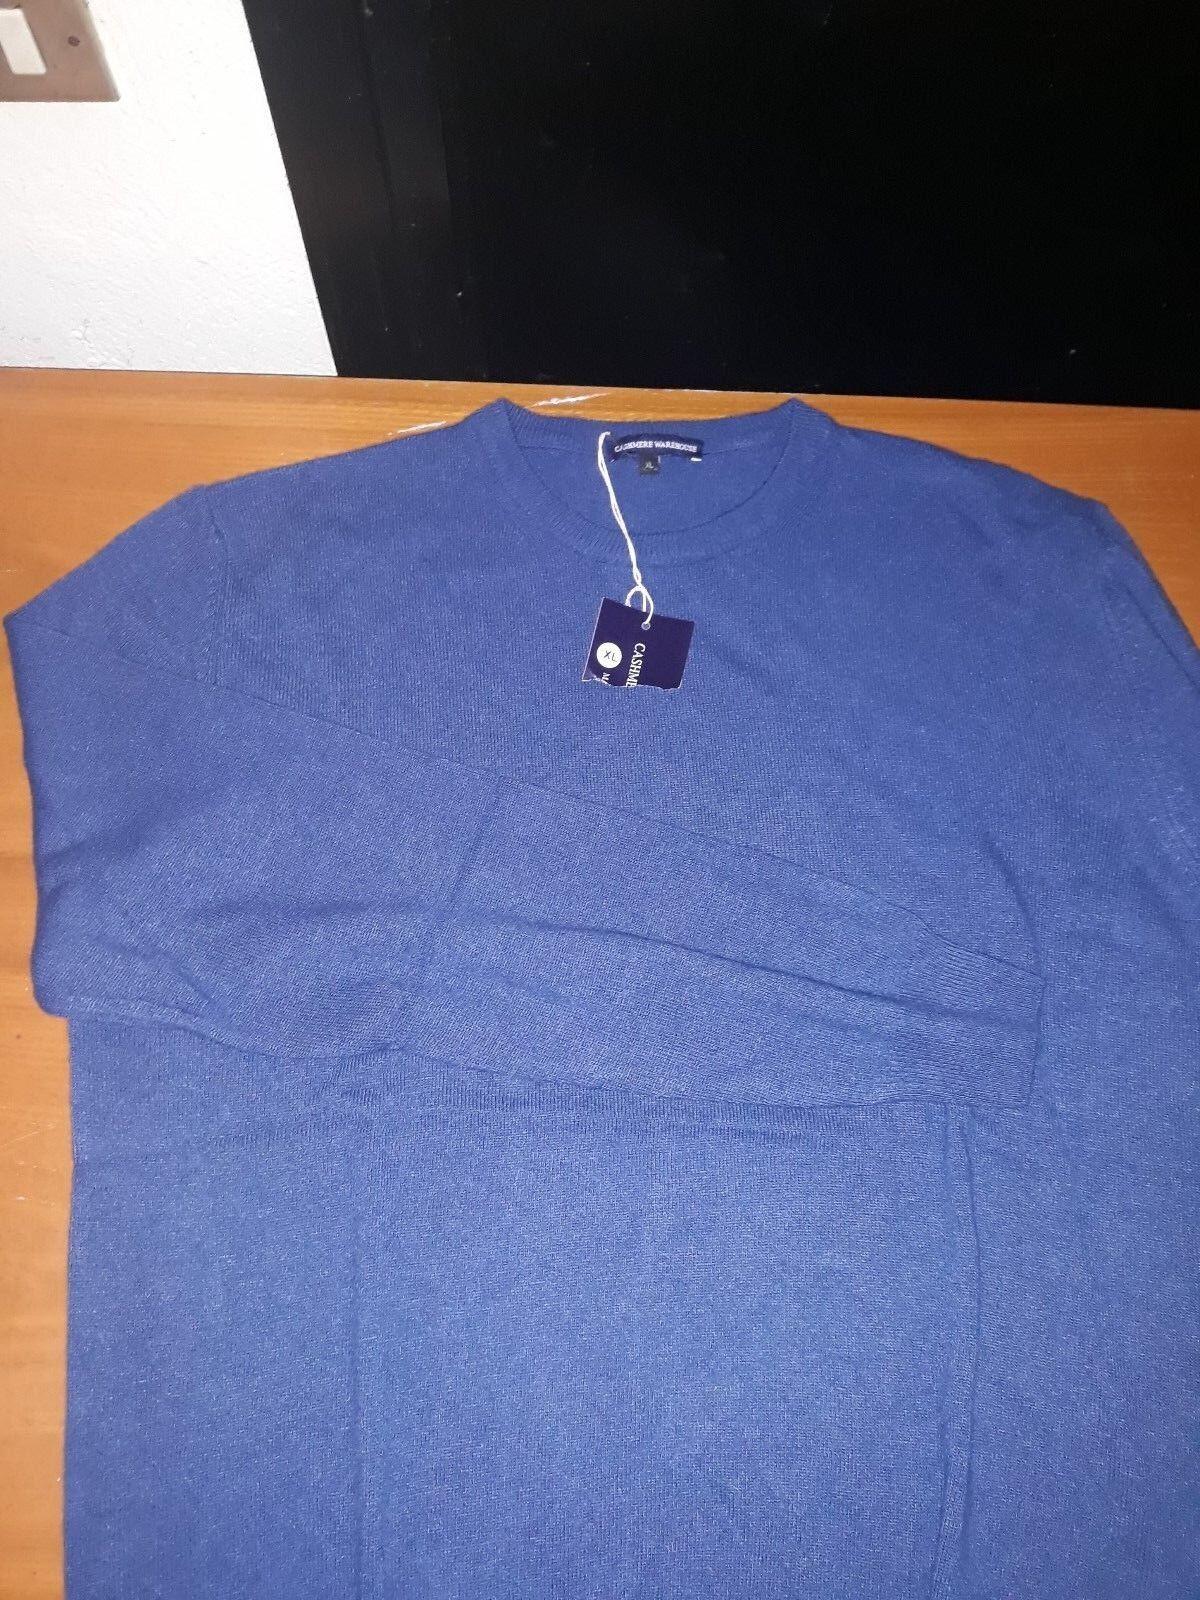 Cashmere warehouse - maglione lana uomo - XL - - - blu - nuovo con etichette strappa 9e5966